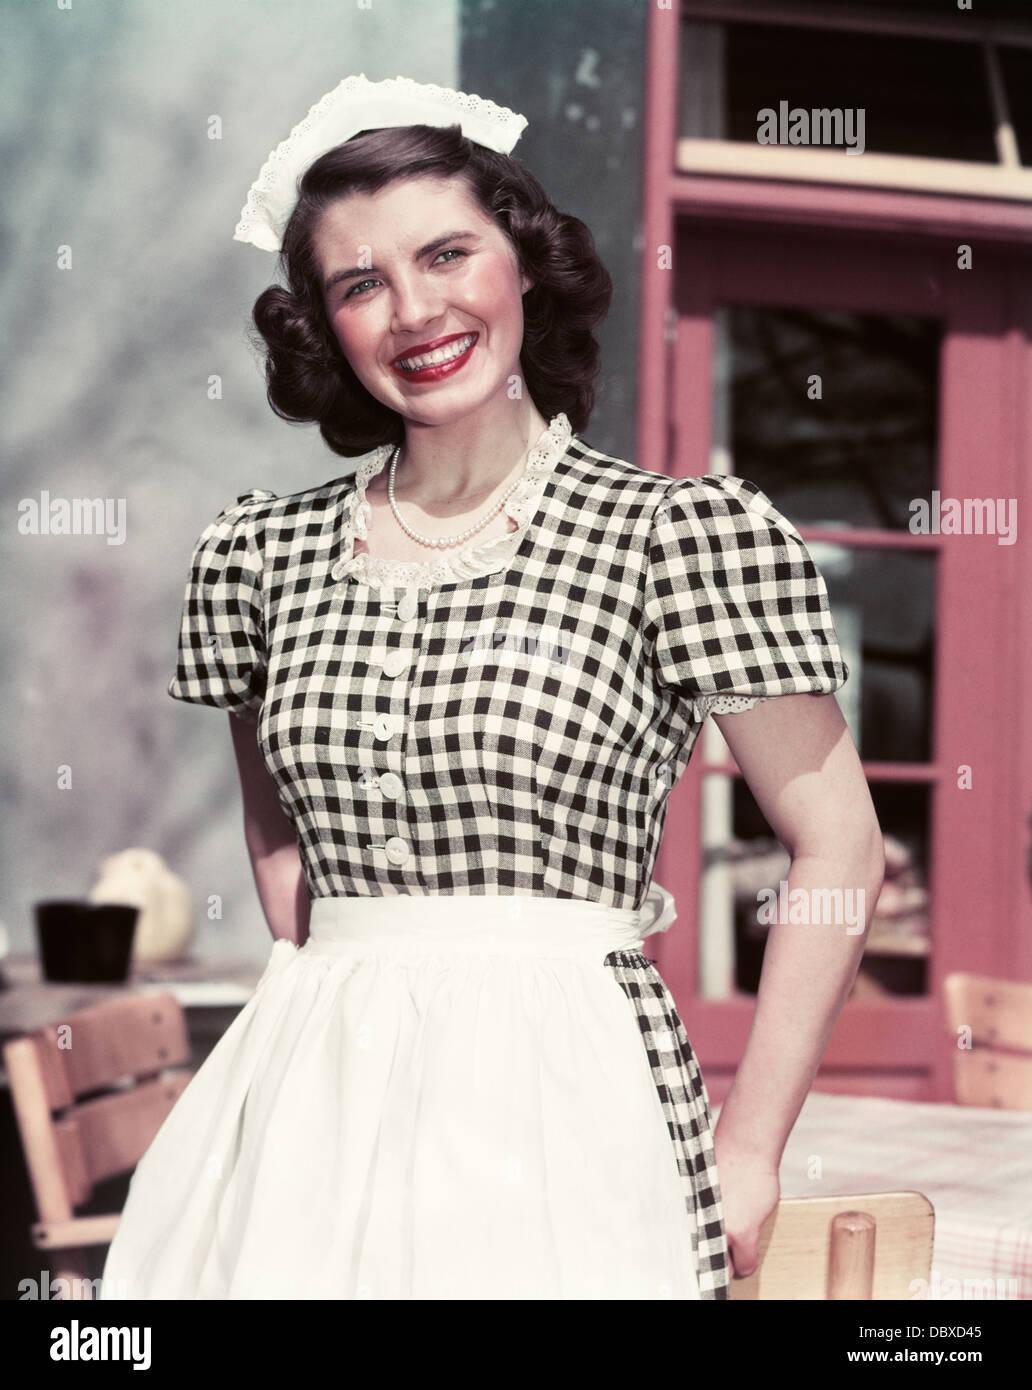 72cffa53d2e7 Negli anni quaranta anni cinquanta sorridente donna vestita di nero e bianco  a scacchi cameriera vestito Abito in pizzo CATENARIA CAP guardando la ...